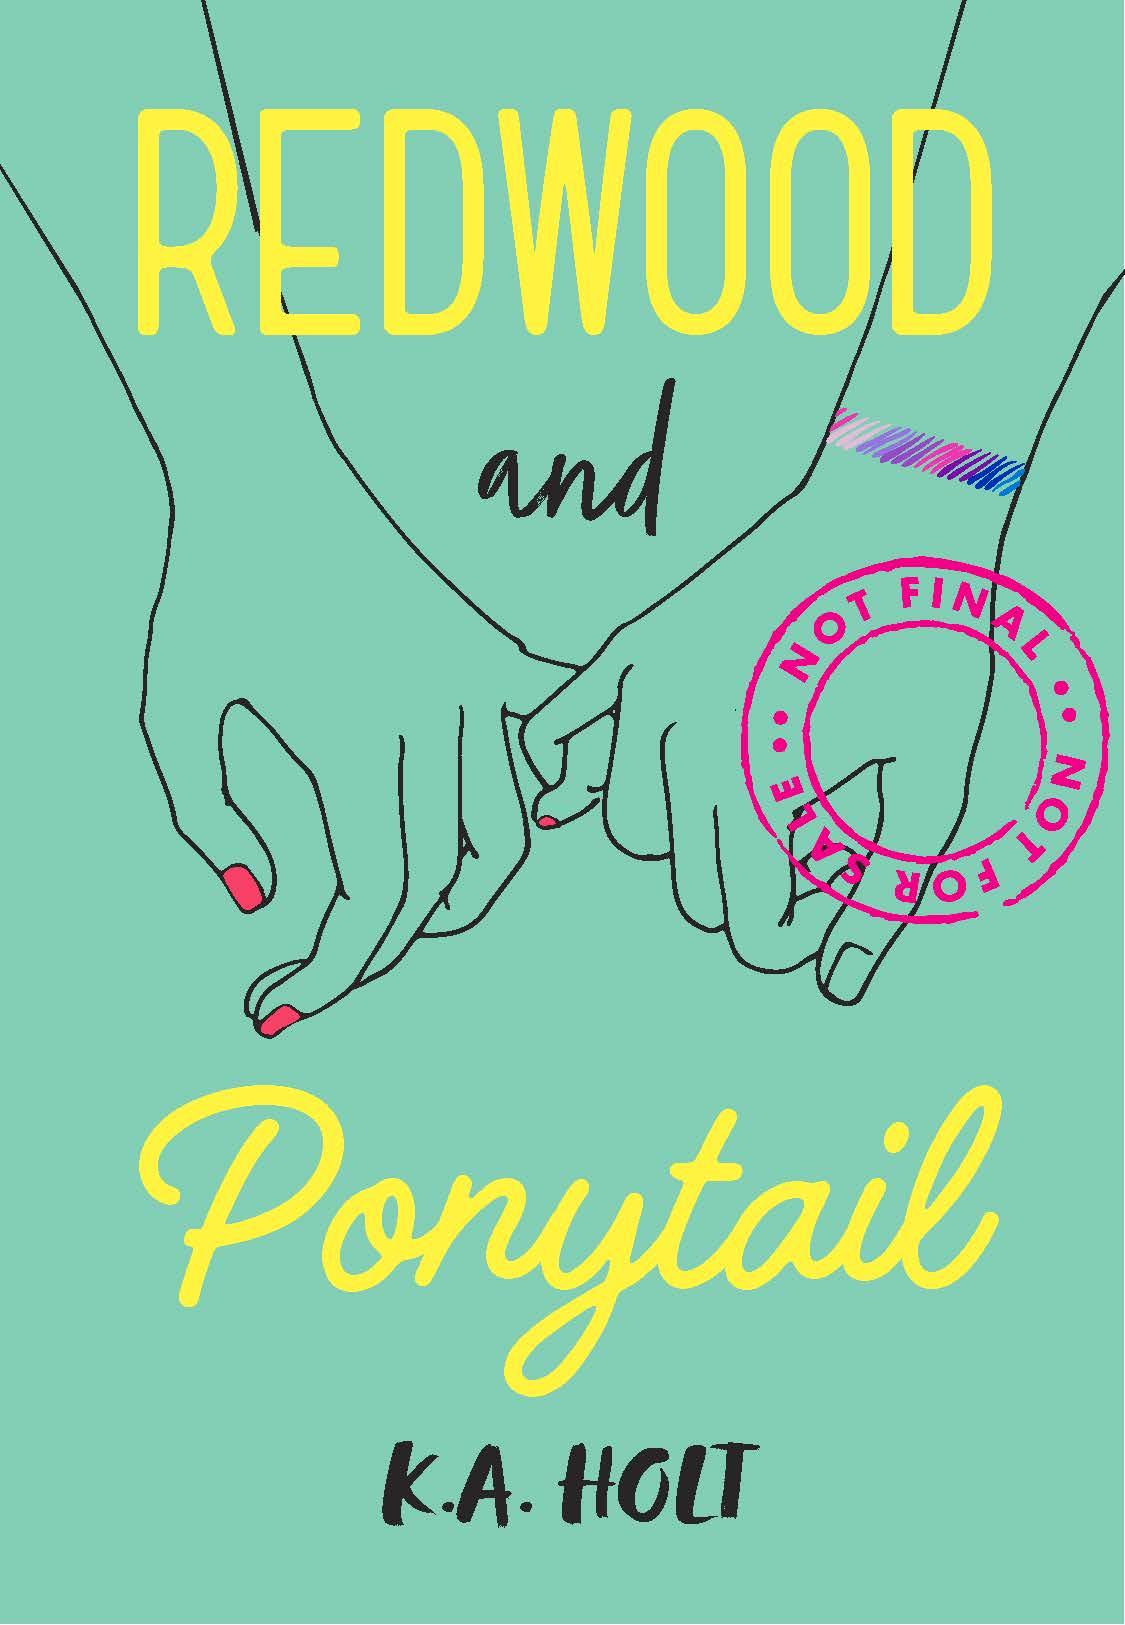 RedwoodAndPonytail_CVR_for ARCs_final